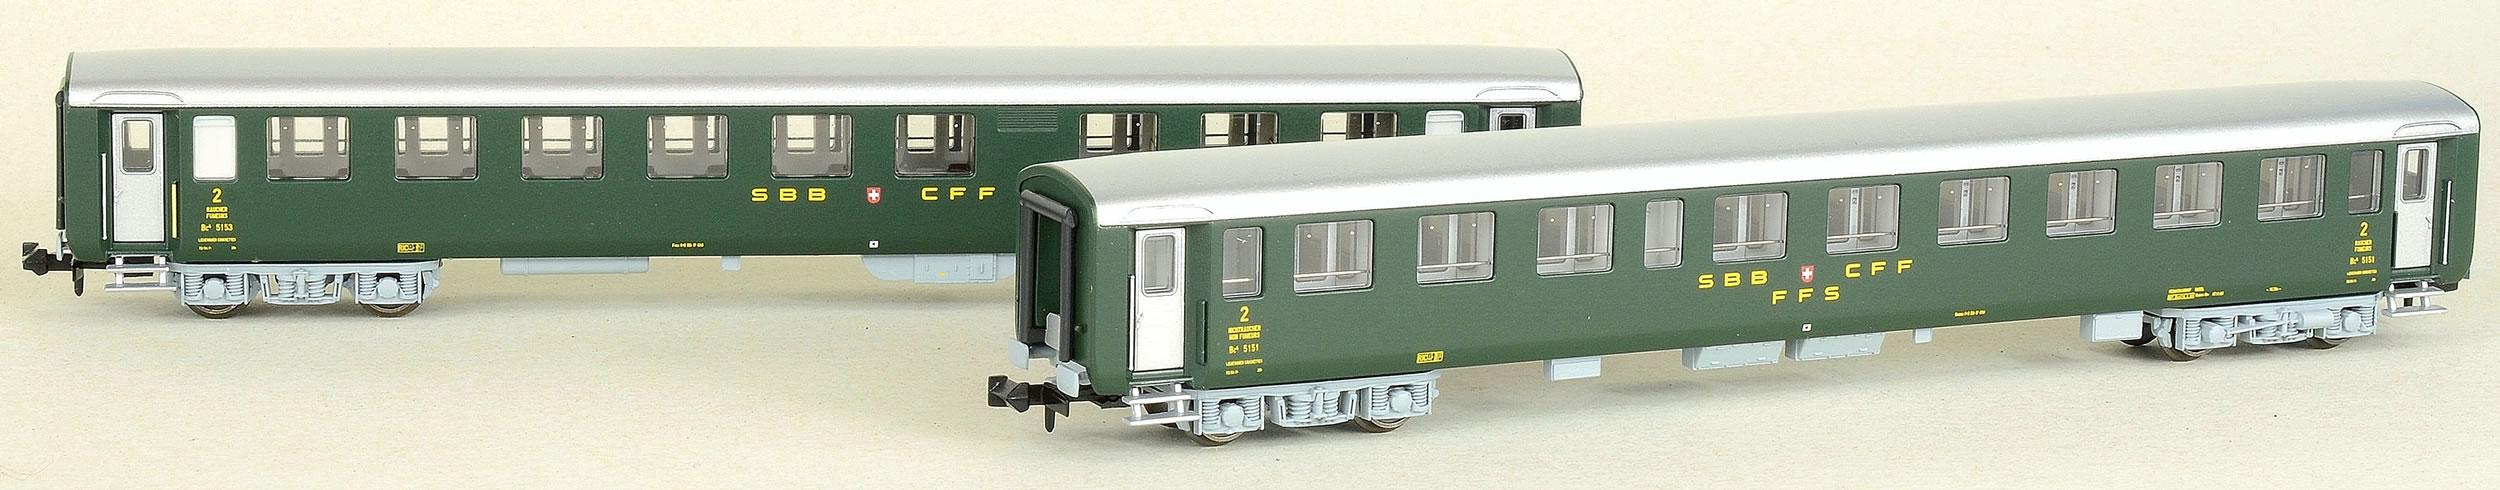 MW-Modell N-CH-211b SBB Liegewagen-Set 2-tlg Ep.4